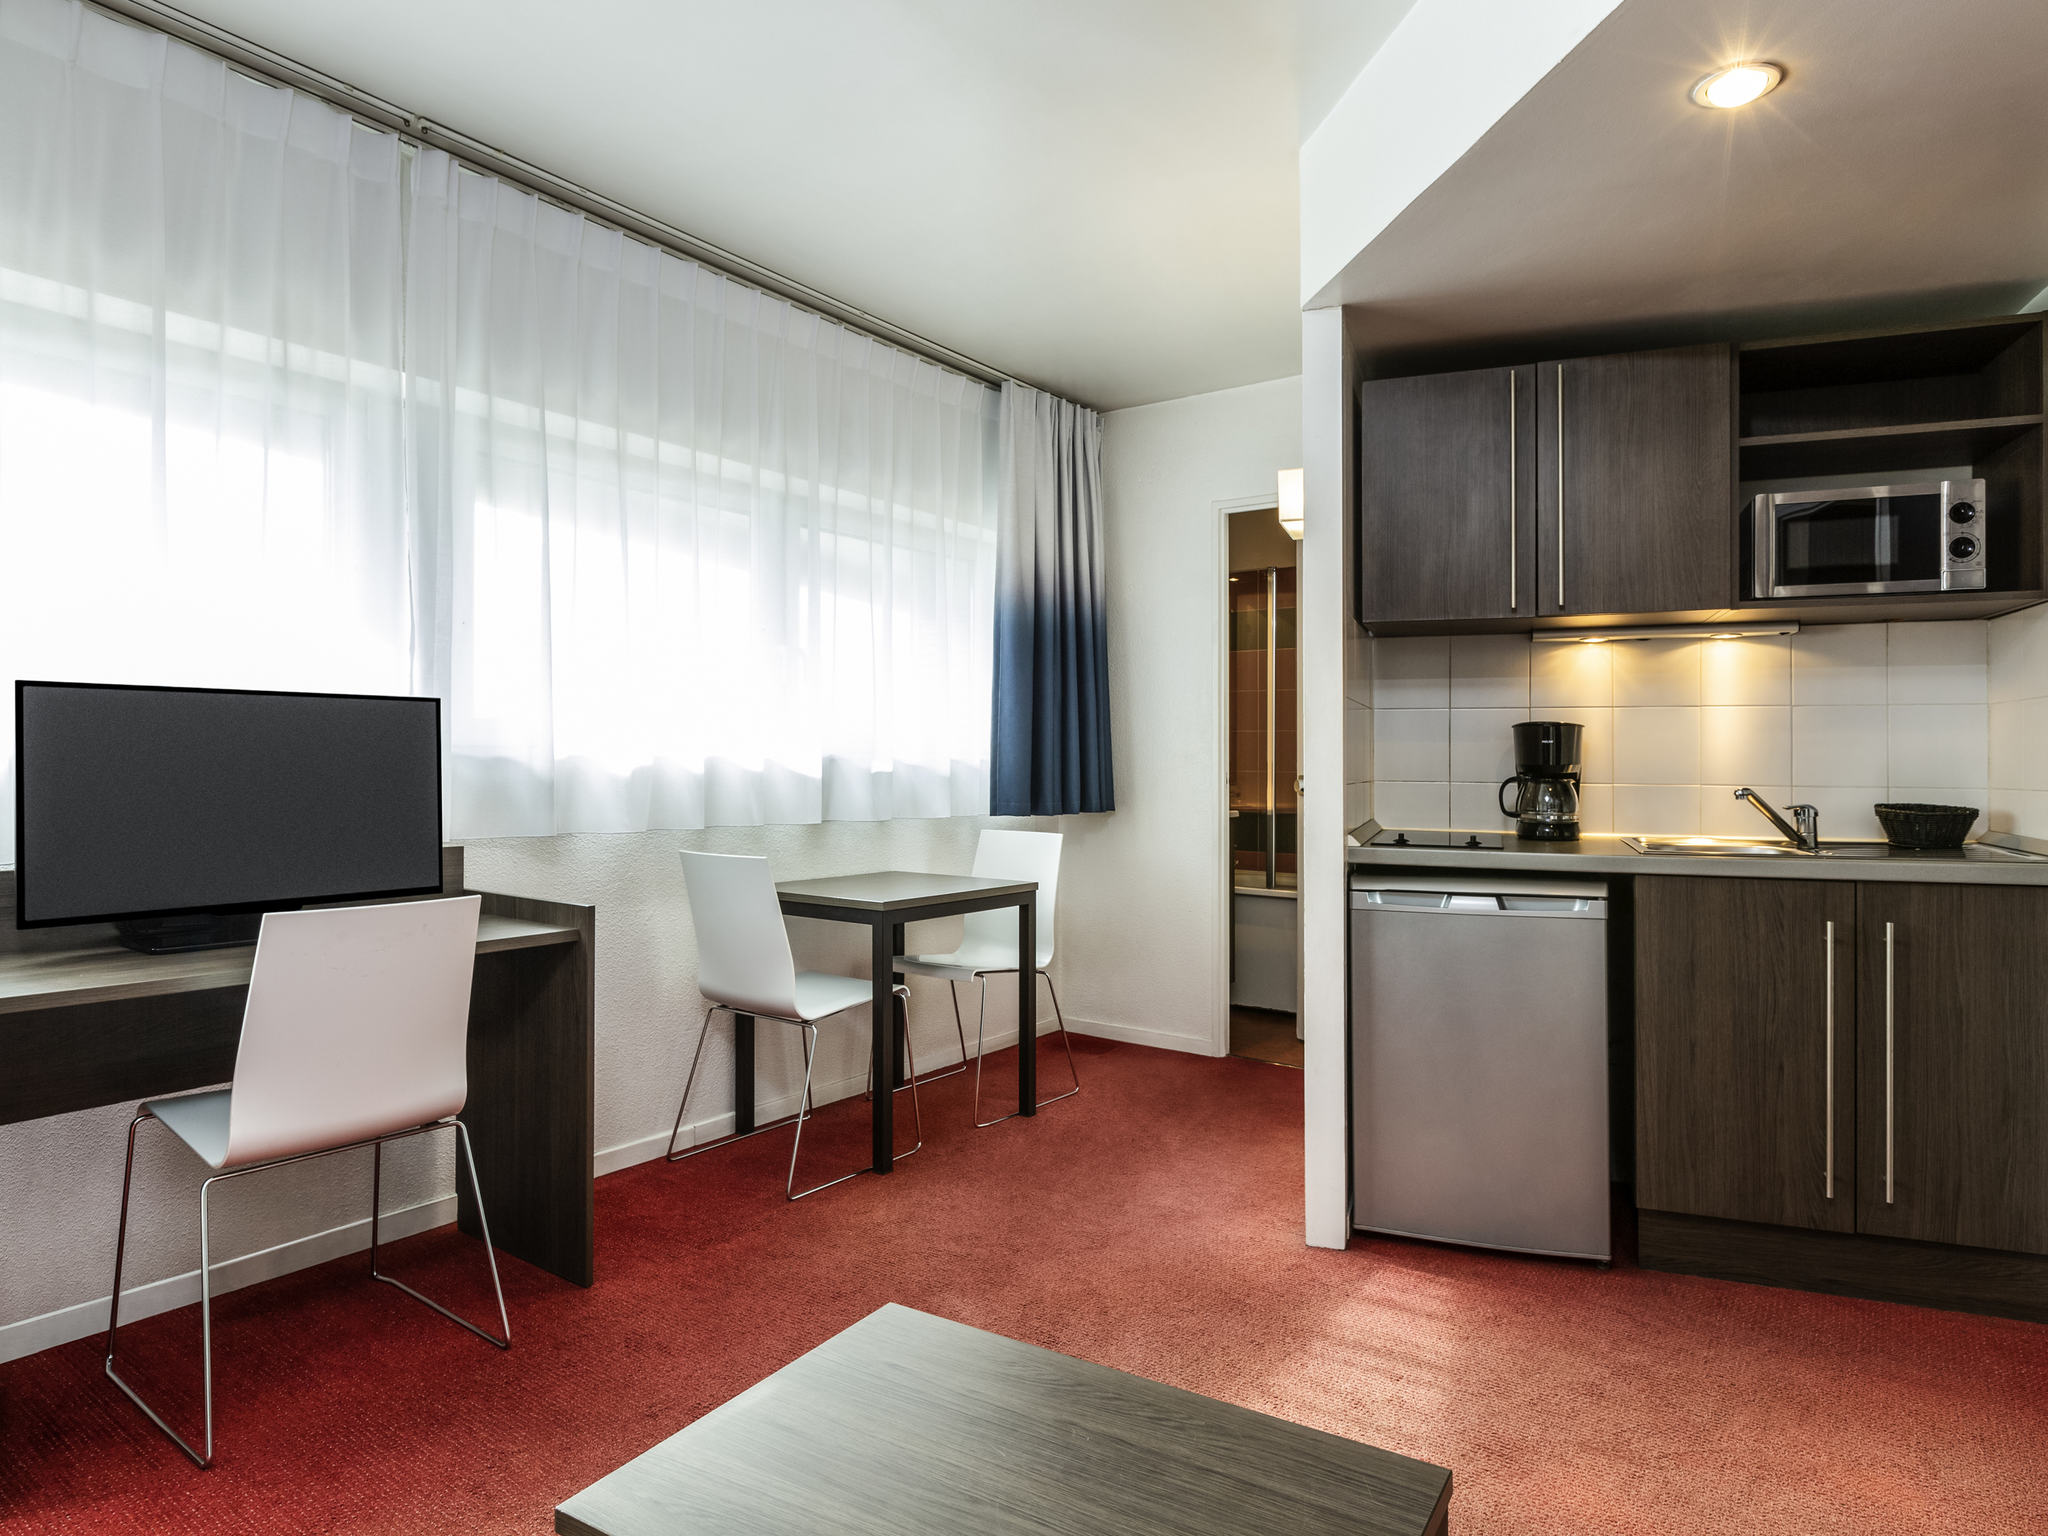 فندق - الشقق الفندقية أداجيو أكسس Adagio access باريس لافيليت